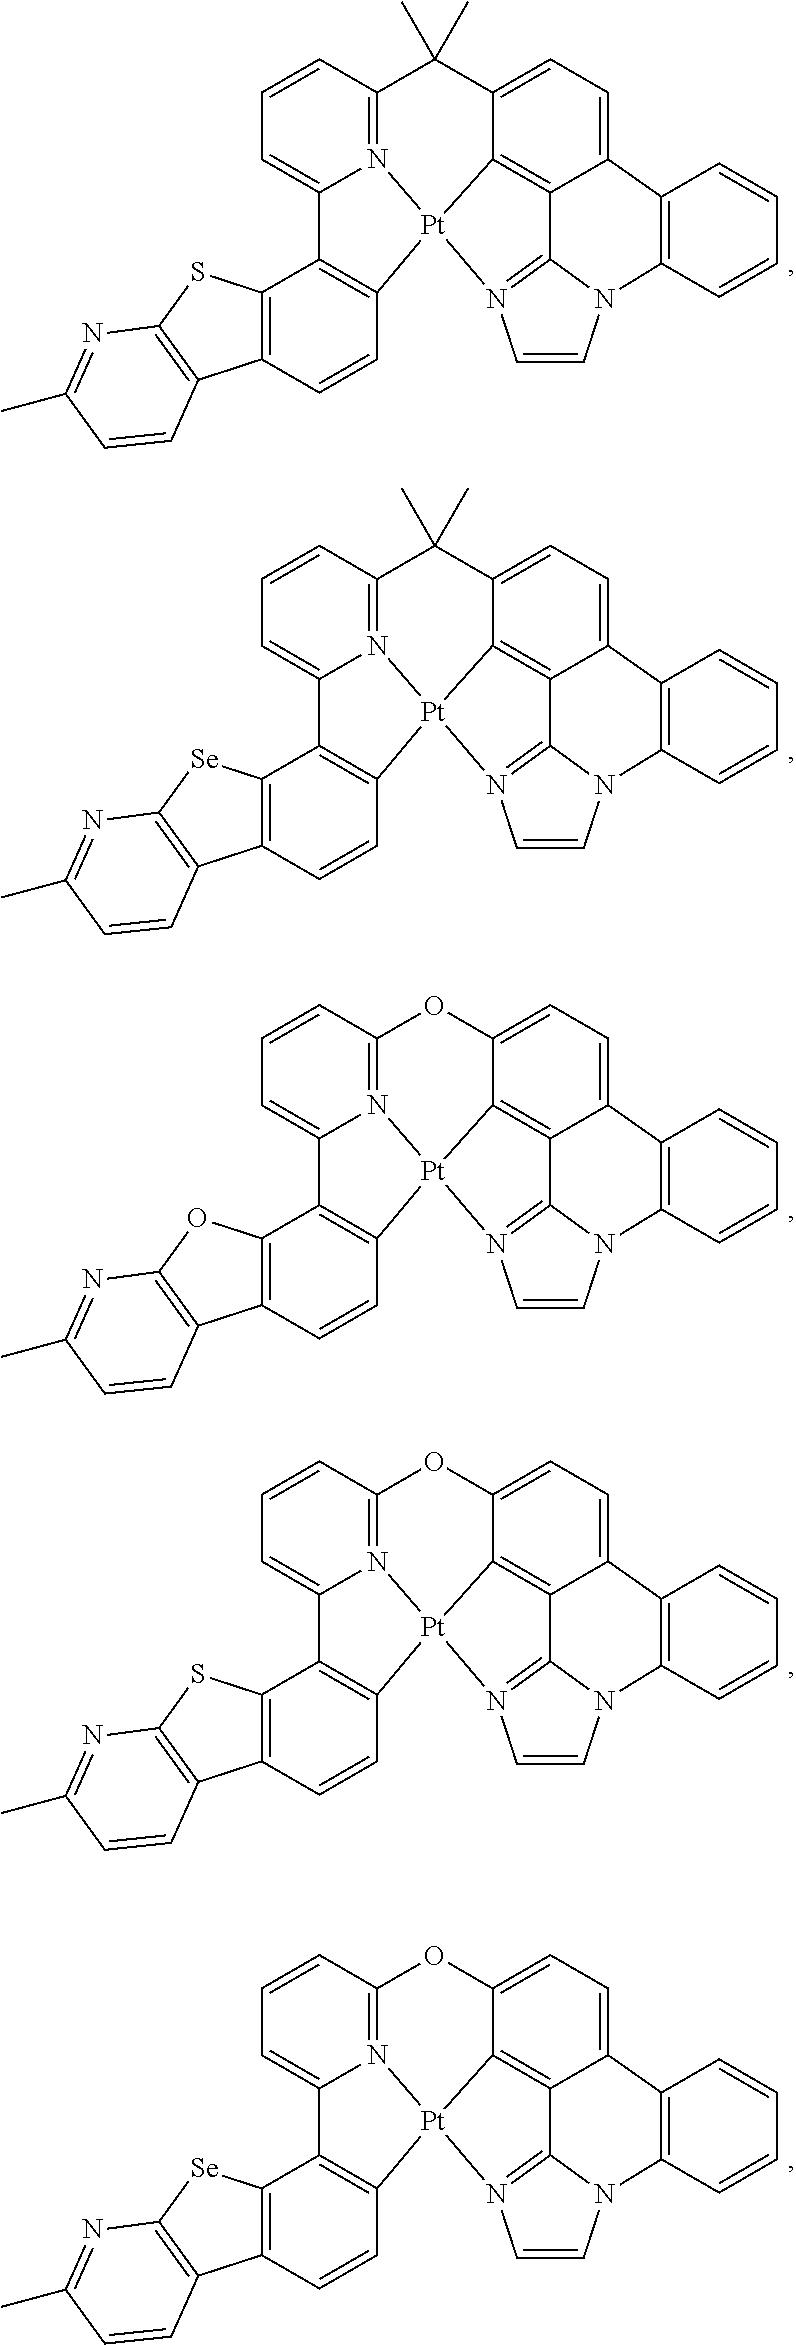 Figure US09871214-20180116-C00288